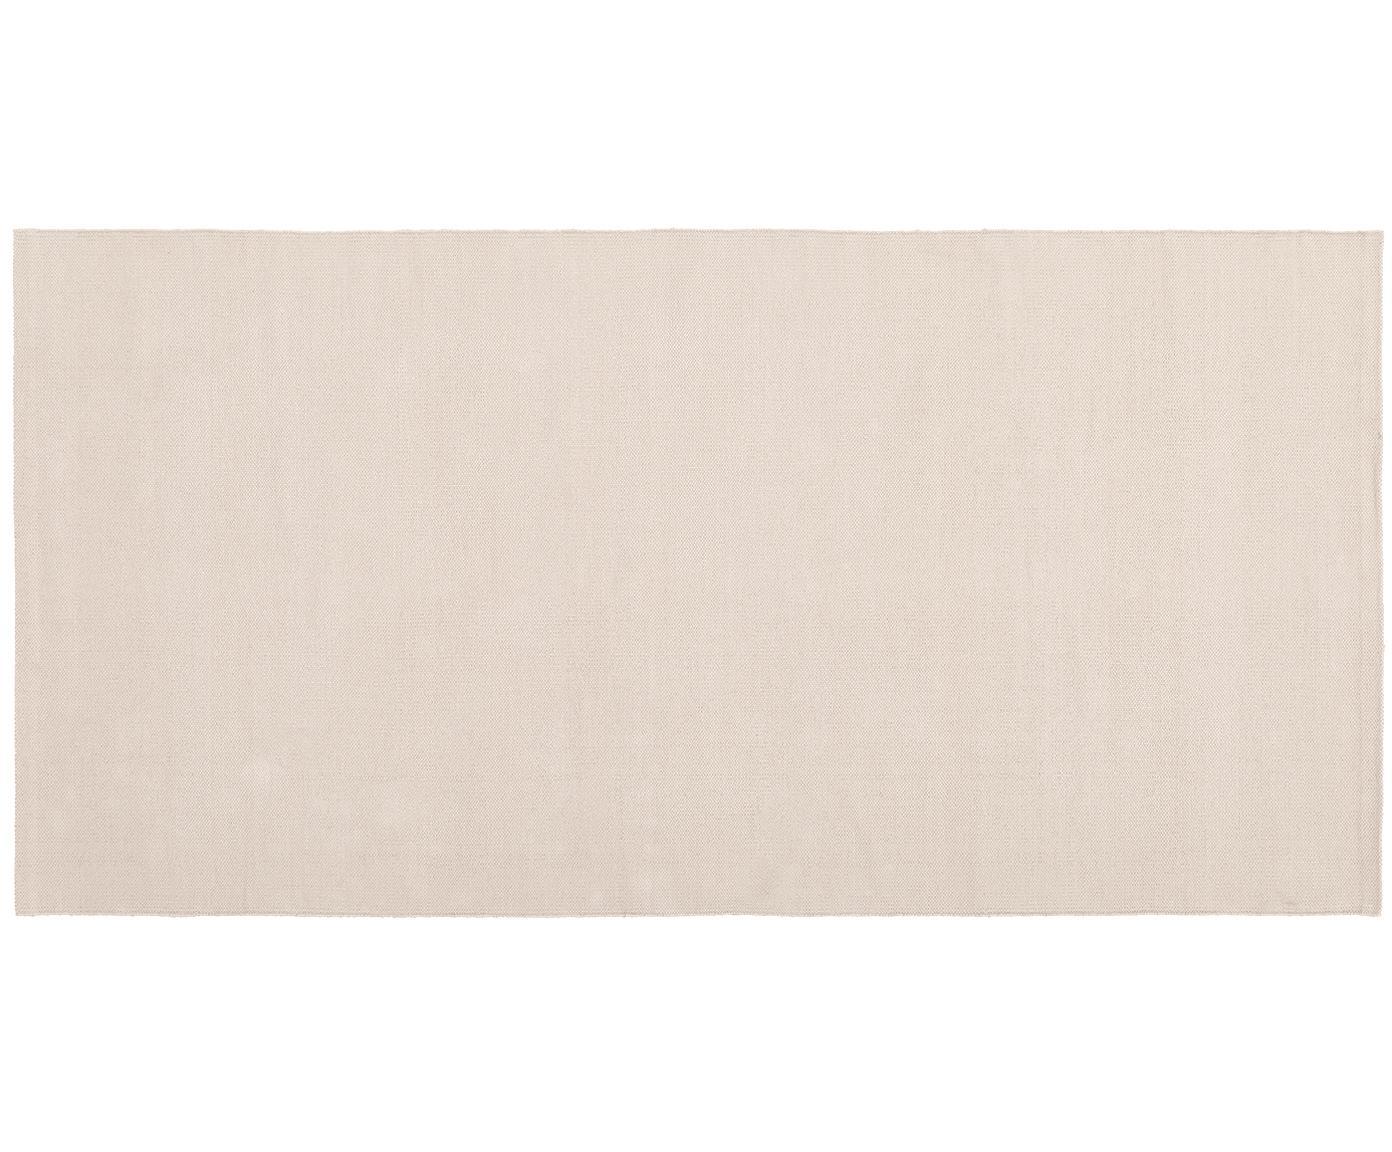 Ręcznie tkany dywan z bawełny Agneta, Bawełna, Beżowy, S 200 x D 300 cm (Rozmiar L)